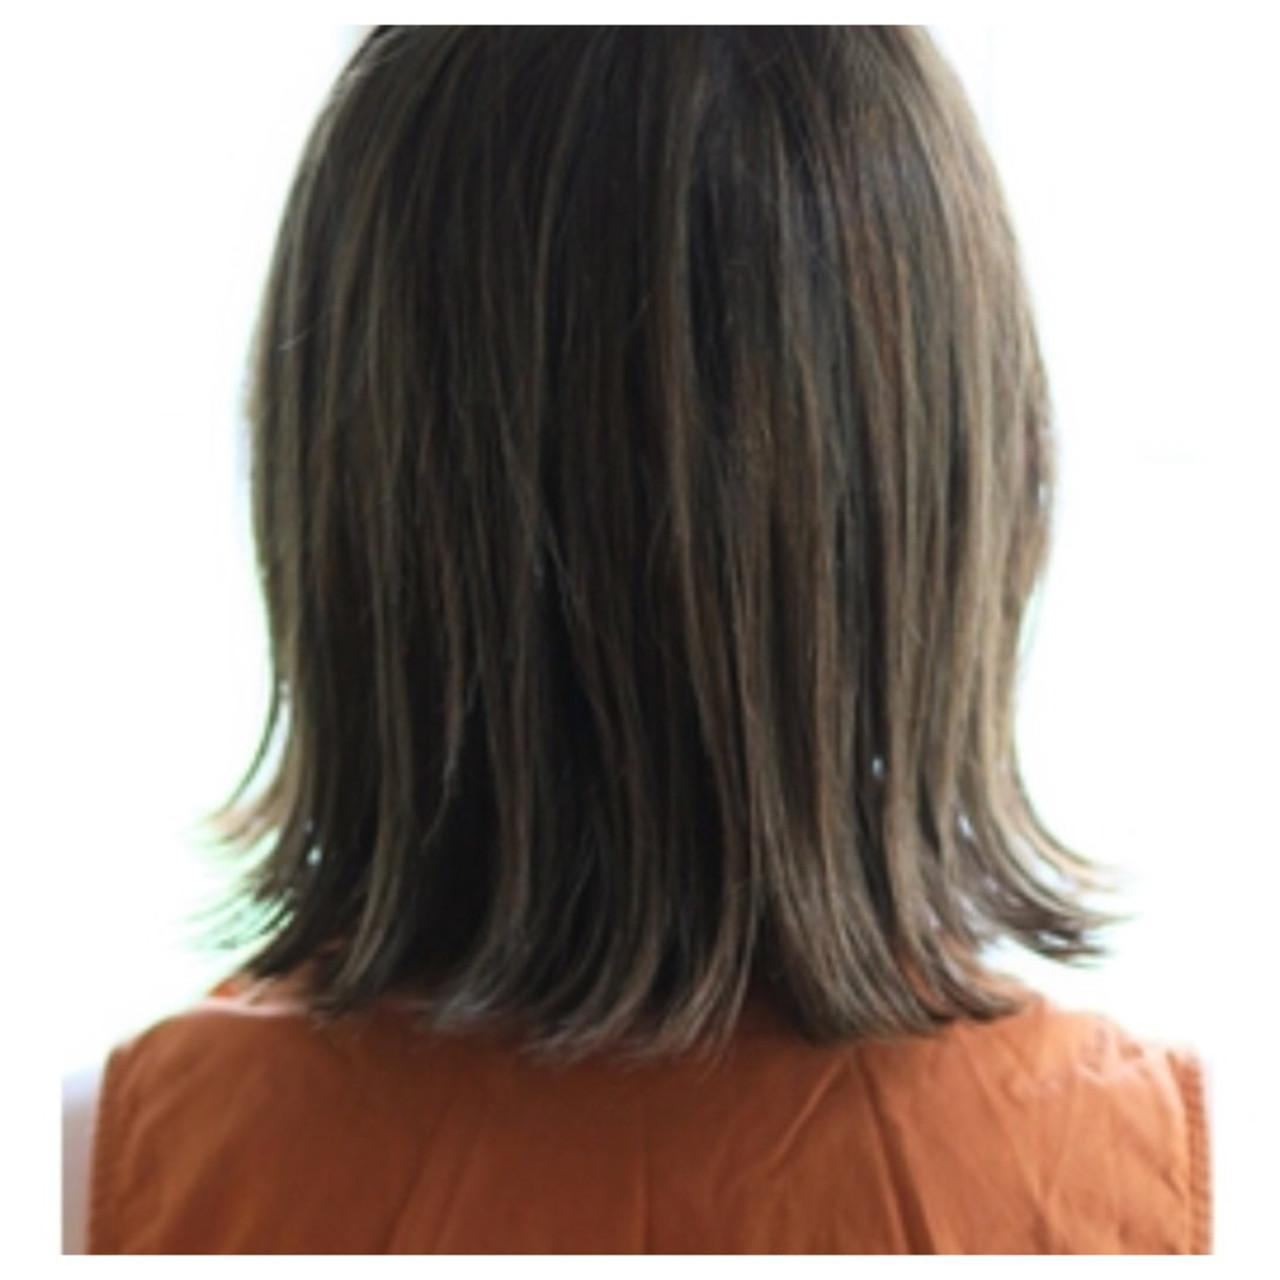 大人かわいい ヘアアレンジ 涼しげ ナチュラル ヘアスタイルや髪型の写真・画像 | 荒井史行 / Joule 銀座 (ジュール)